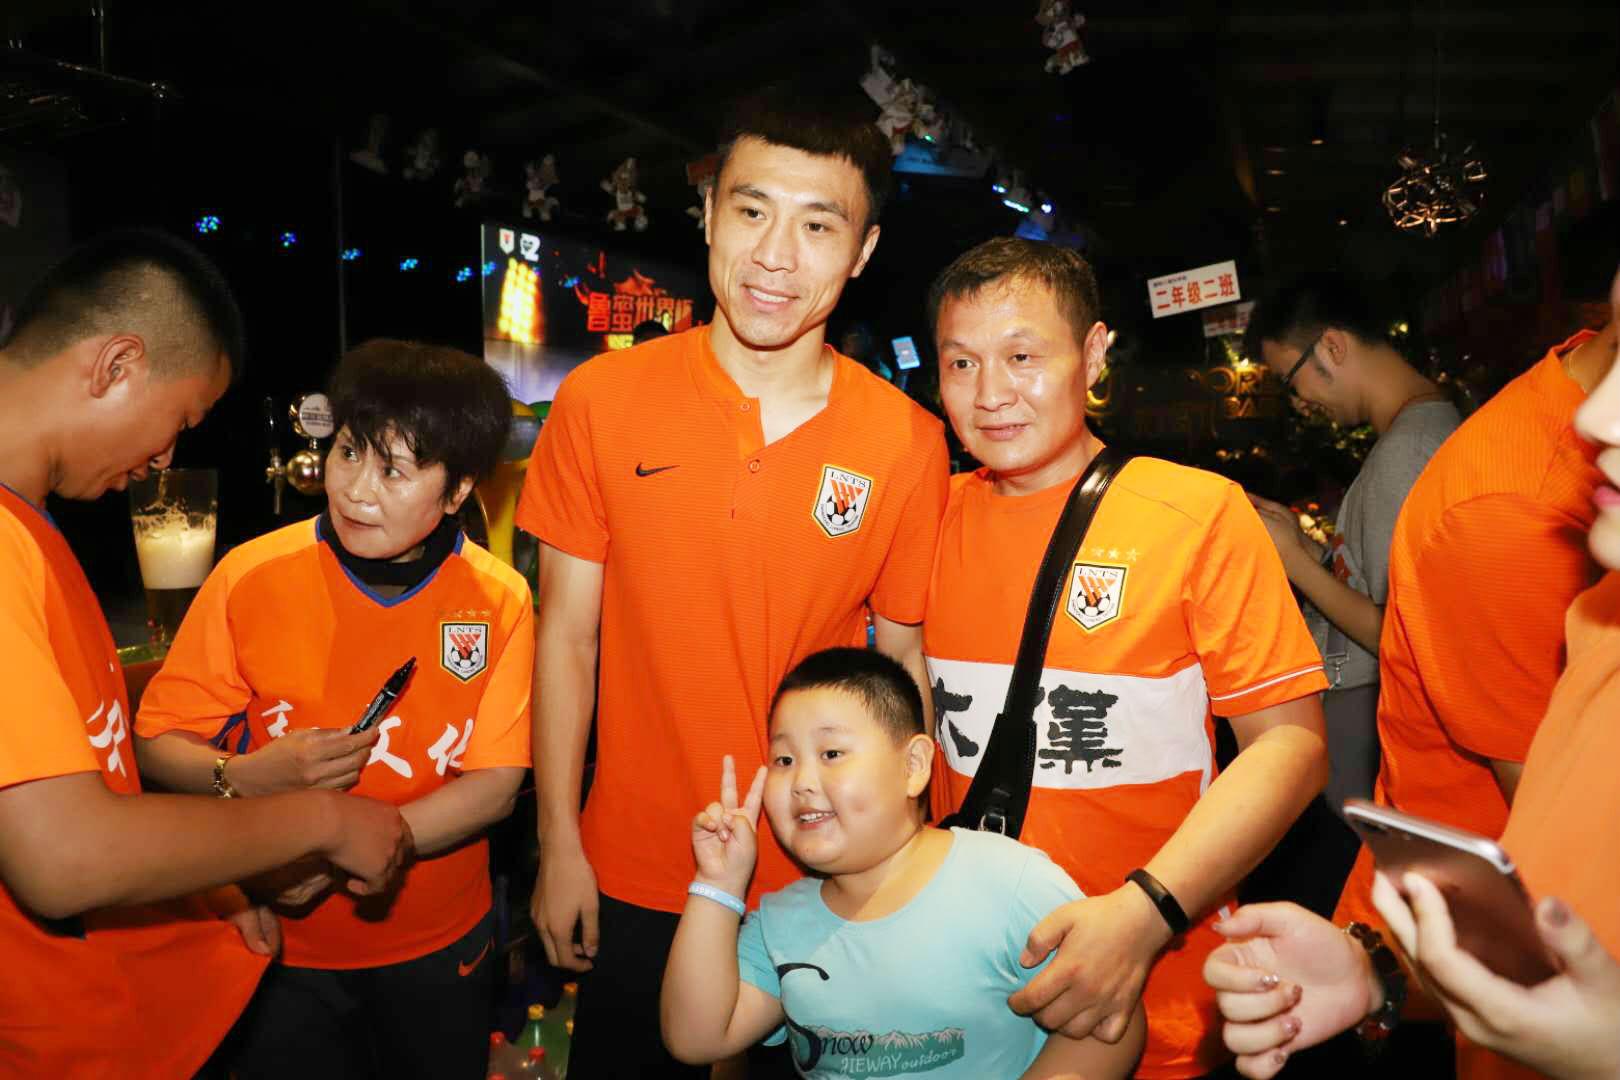 鲁能球员郑铮齐天羽助阵鲁蜜世界杯球迷嘉年华活动